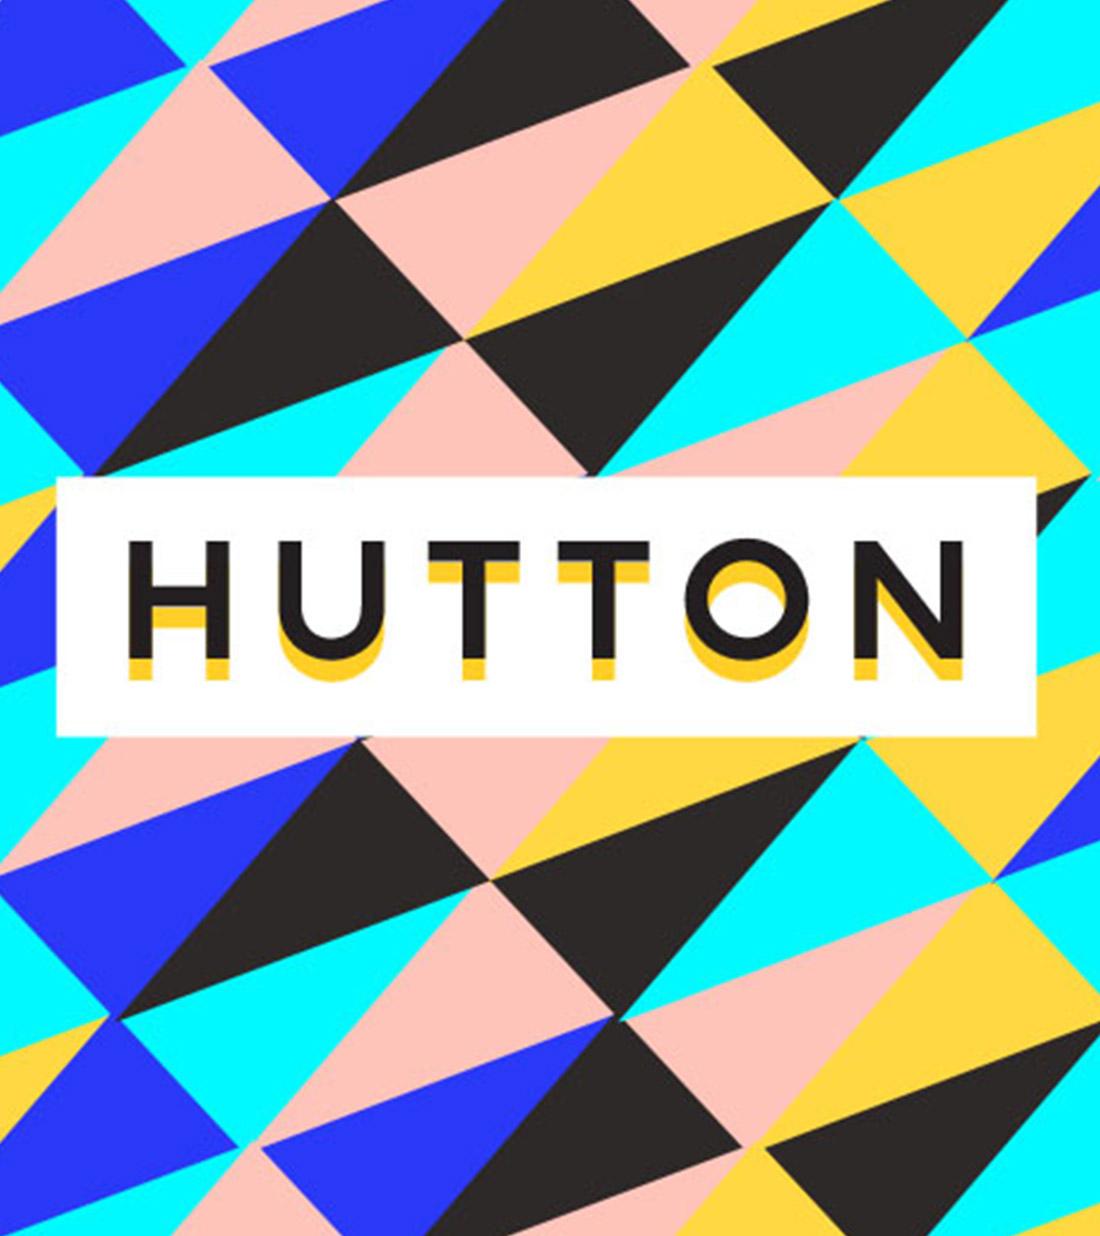 HUTTON-Work-FEATURED